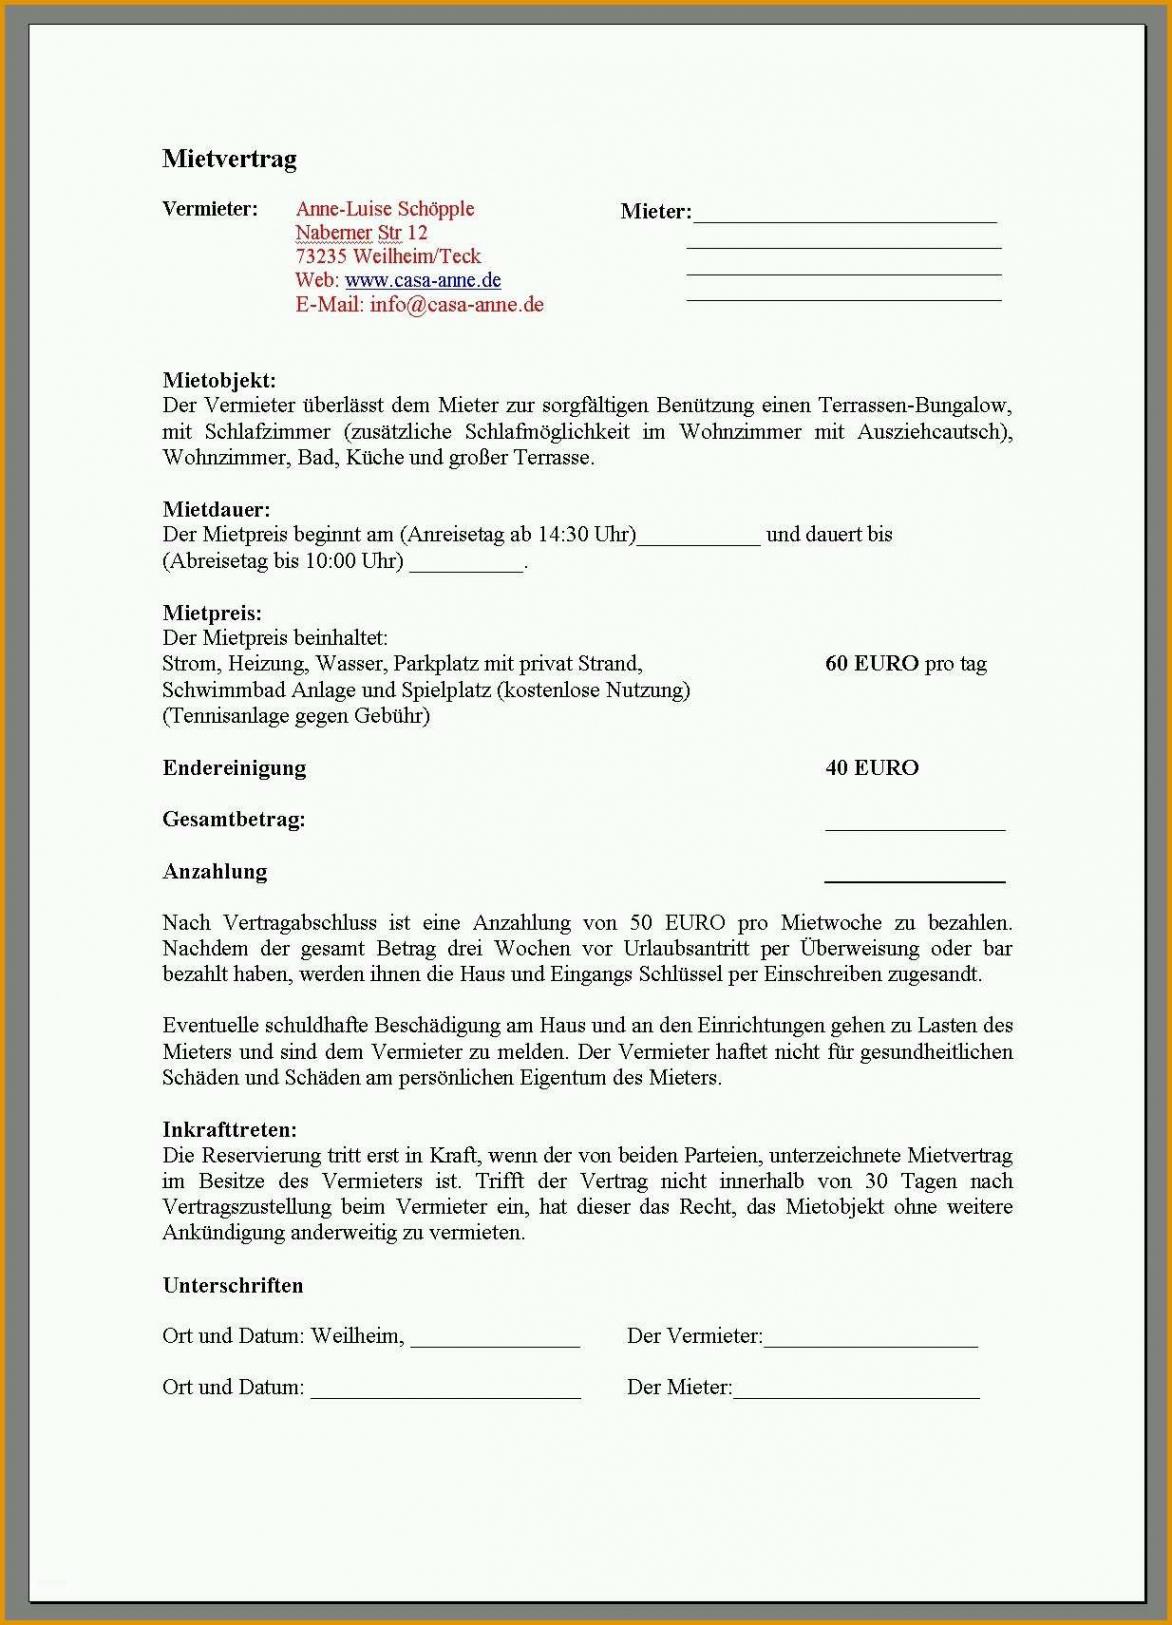 Sampler Kündigung Mietvertrag Vermieter Vorlage Kostenlos Excel Kostenlos